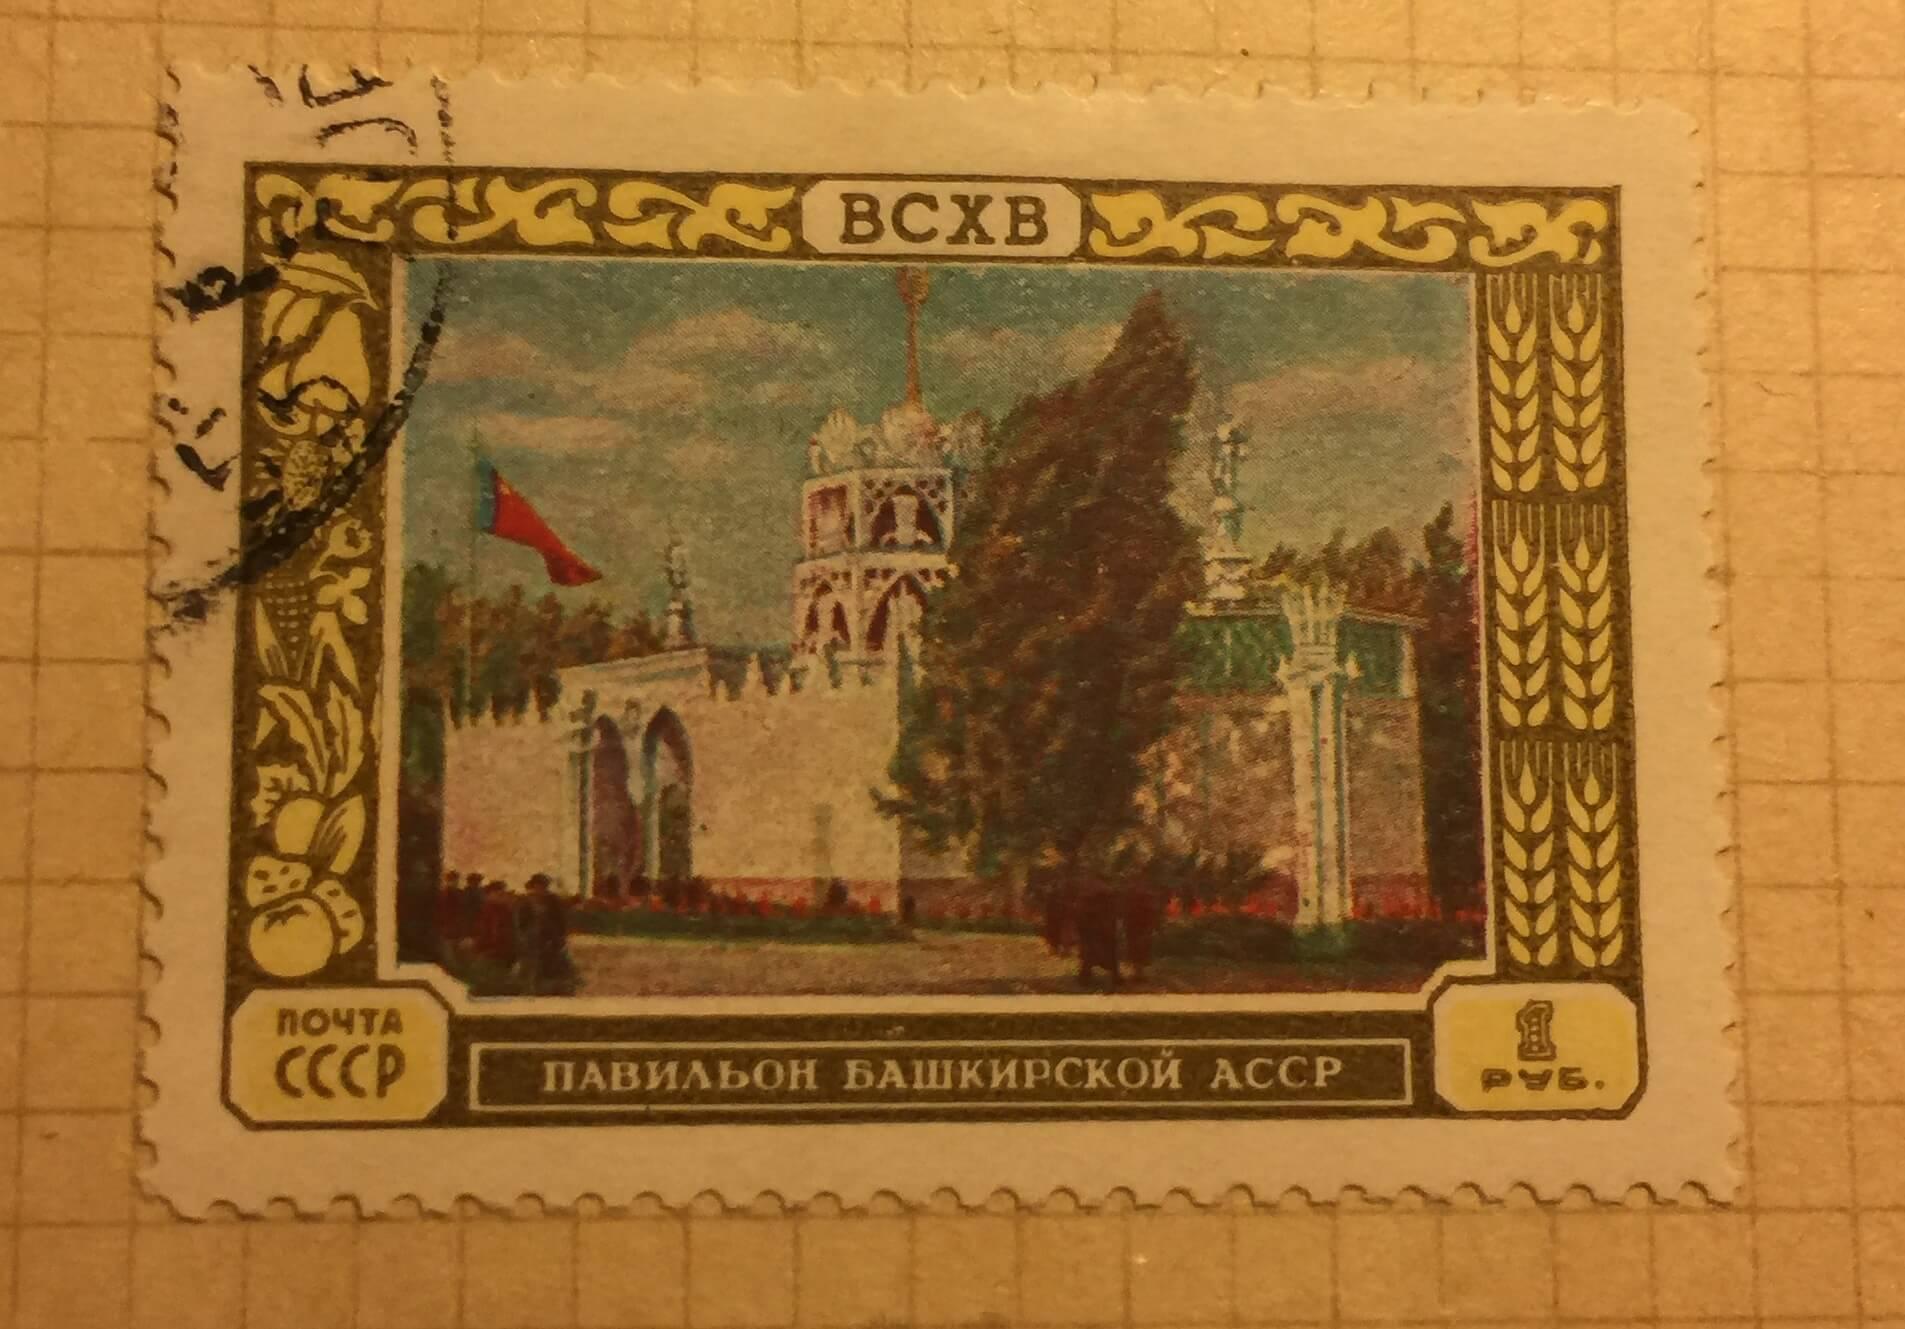 Купить почтовую марку СССР Павильон Башкирская АССР 102ed7bccb752